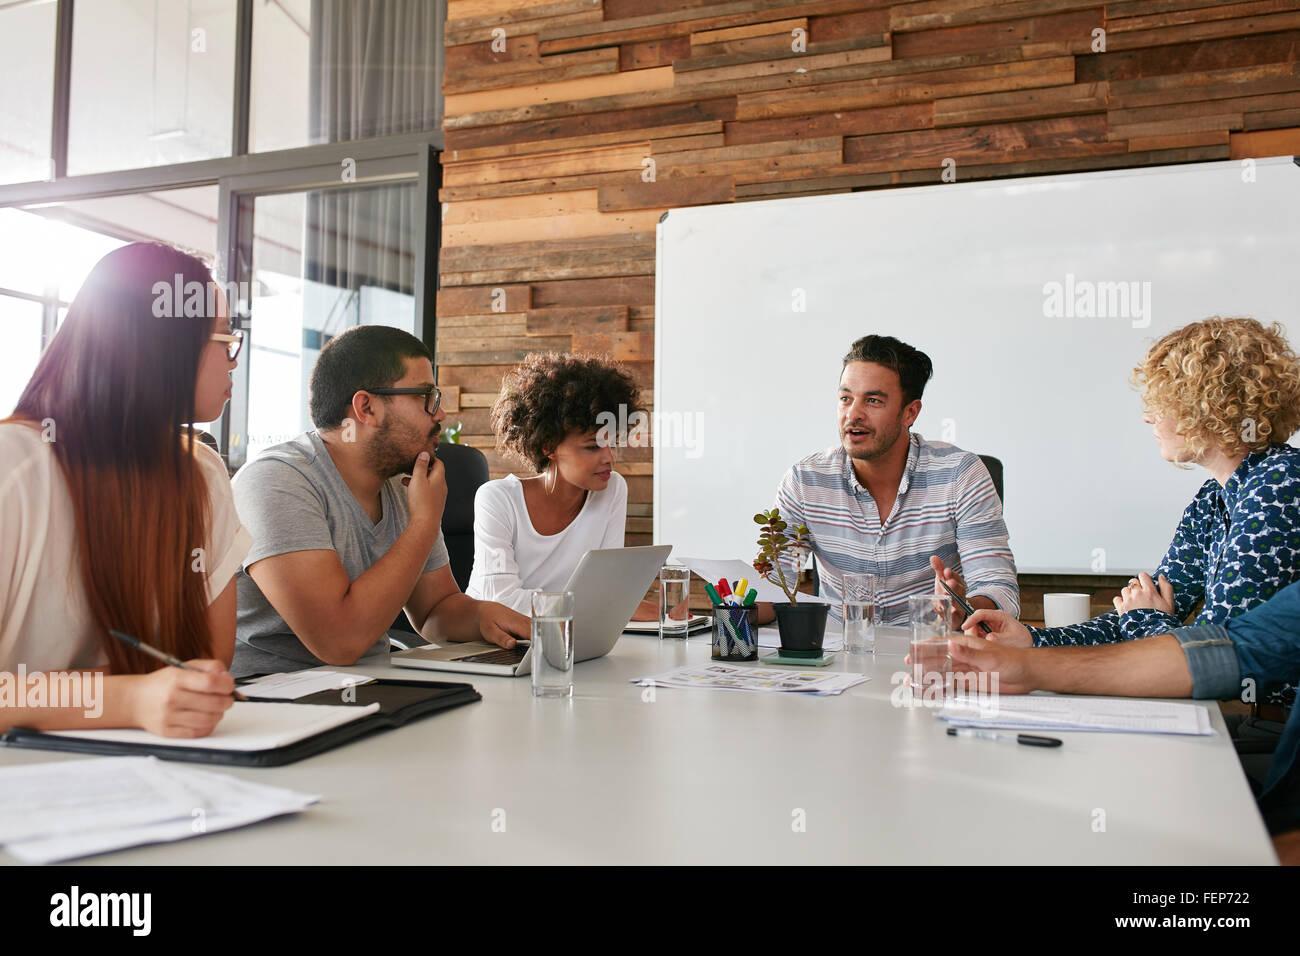 Aufnahme einer Gruppe von jungen Geschäftsleute mit einem Treffen im Sitzungssaal. Büroangestellte, die Stockbild